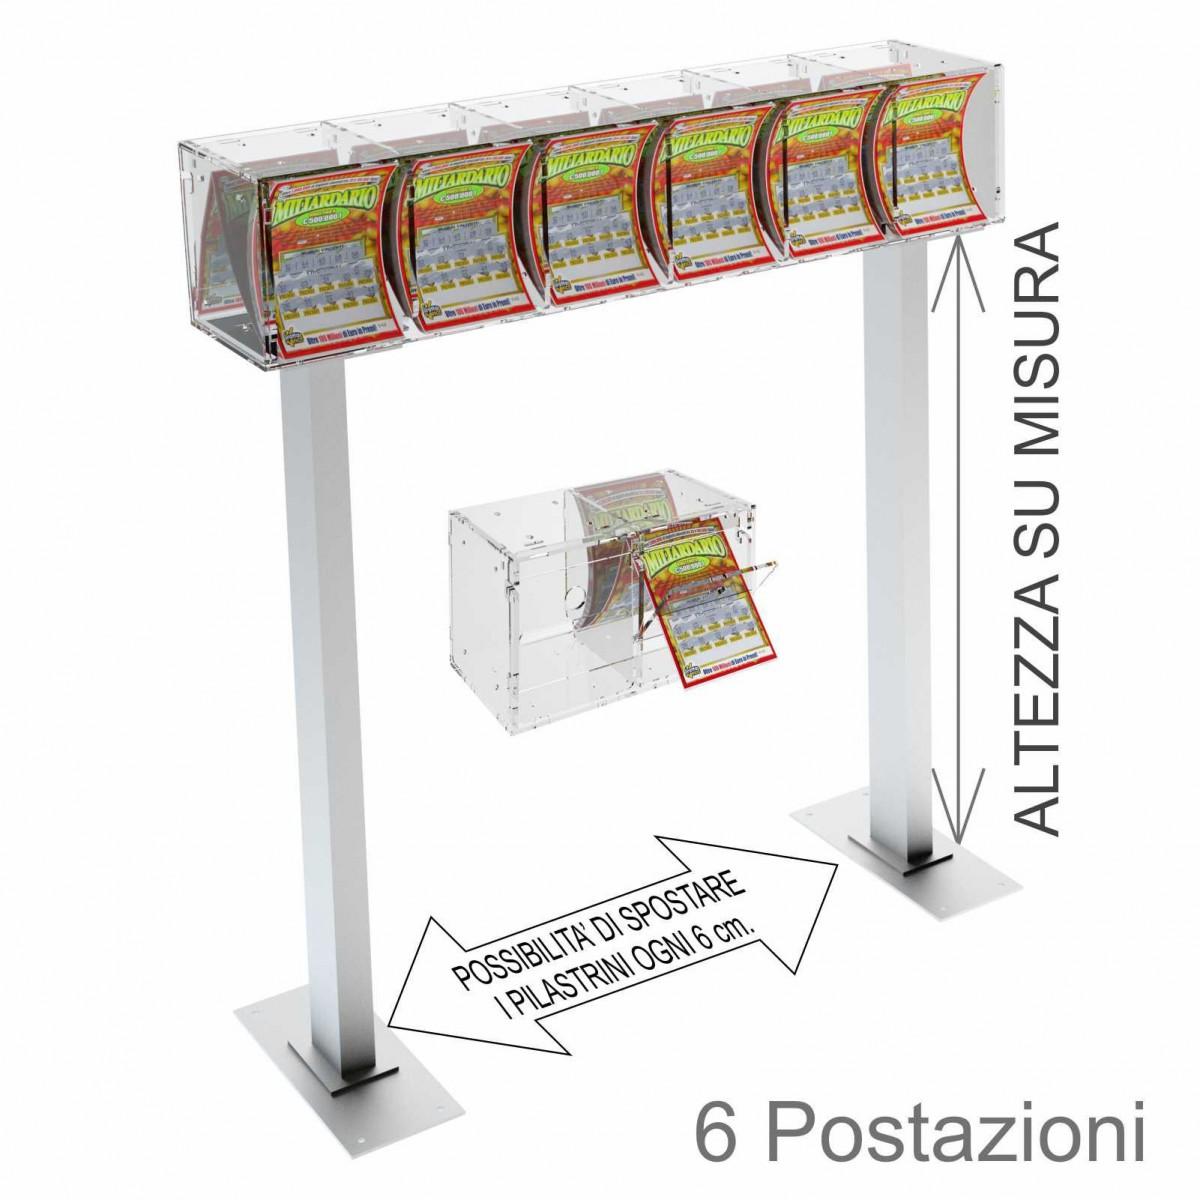 Présentoir jeux de tirage de comptoir réalisé en acrylique transparent avec couvercle frontal faisan